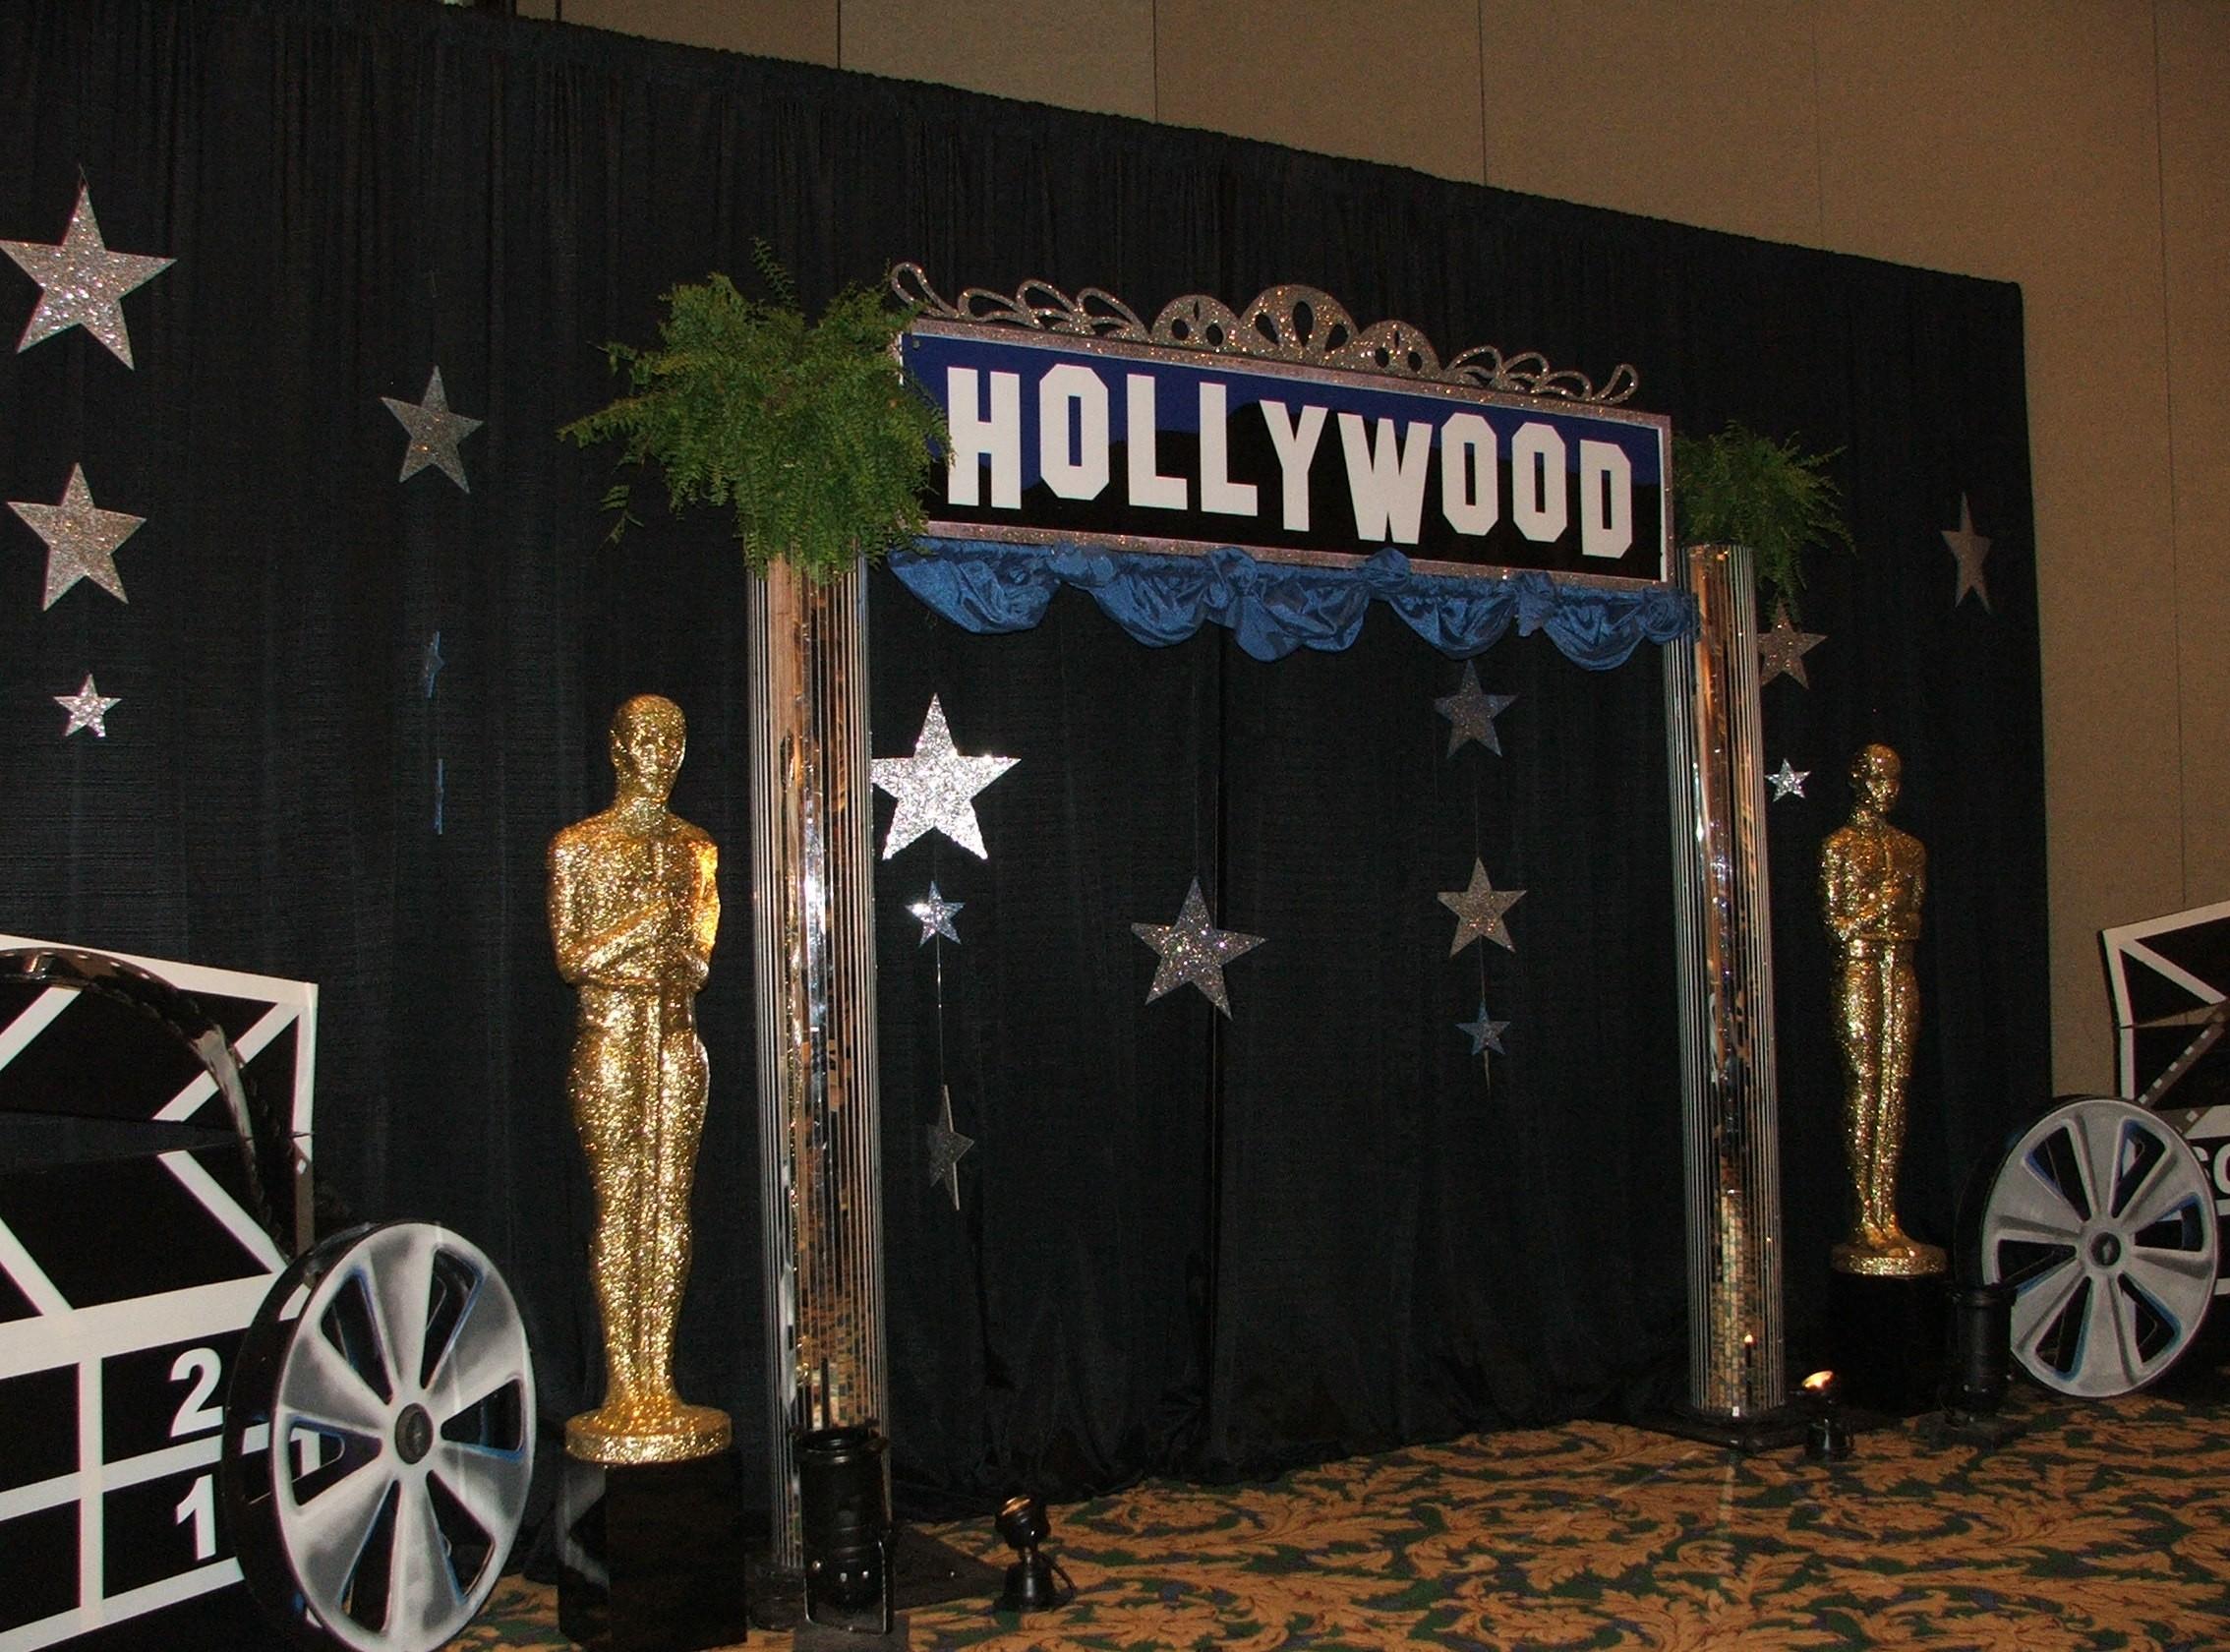 Hollywood Themed Decor